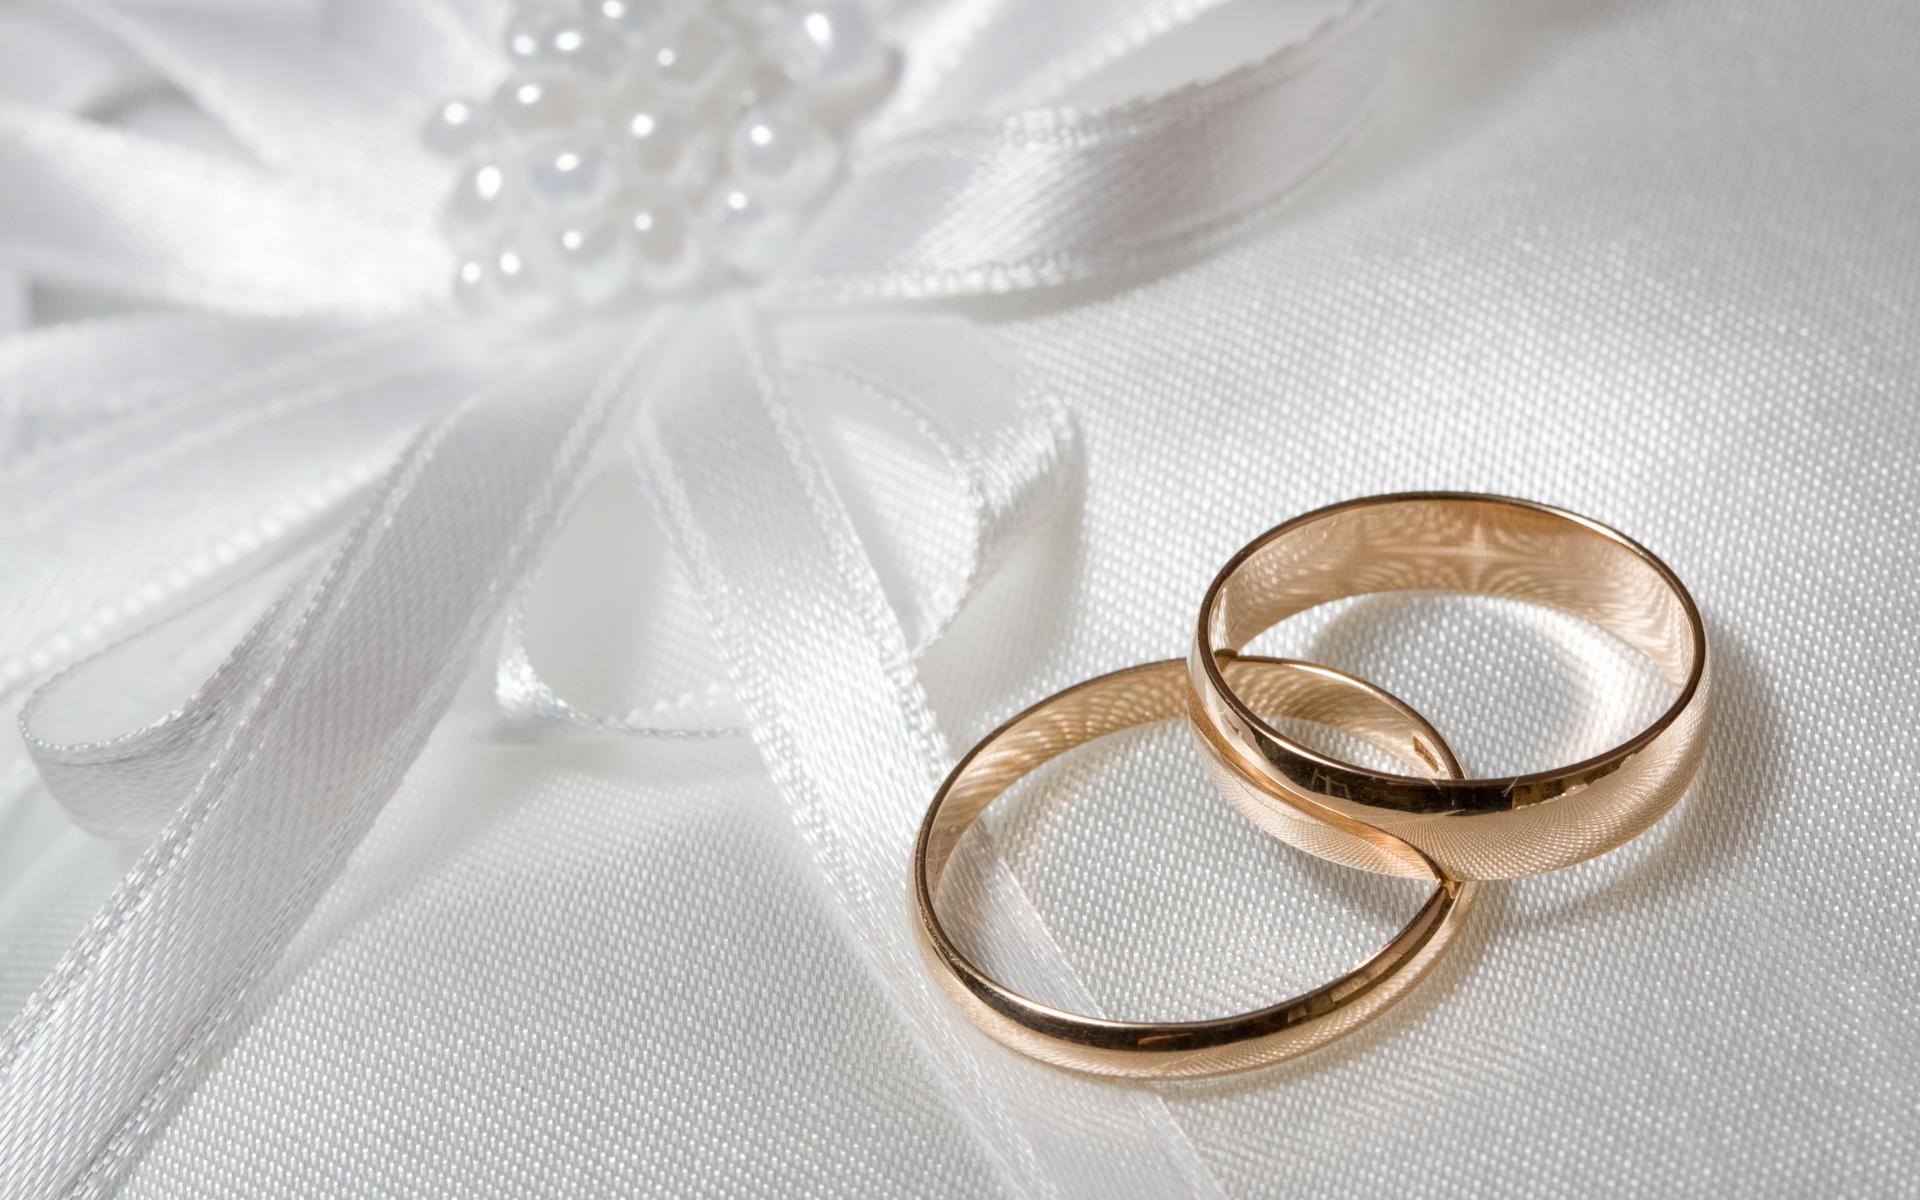 Открытки с днем свадьбы обручальные кольца, тома анжелы